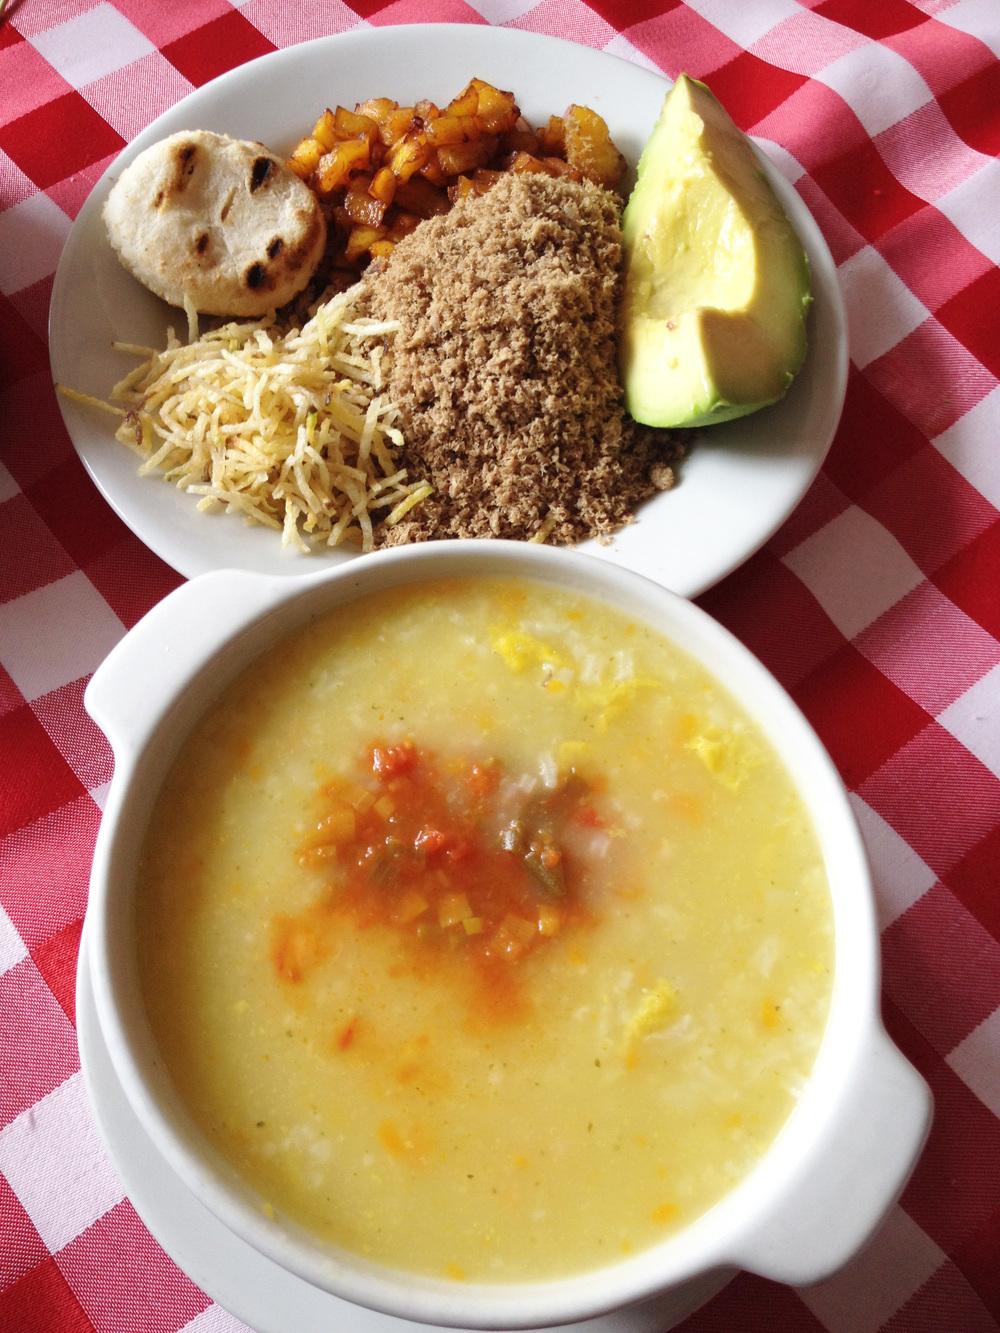 Sopa de cura en vereda, una de las delicias que se sirven en el restaurante ubicado en la calle Junín.